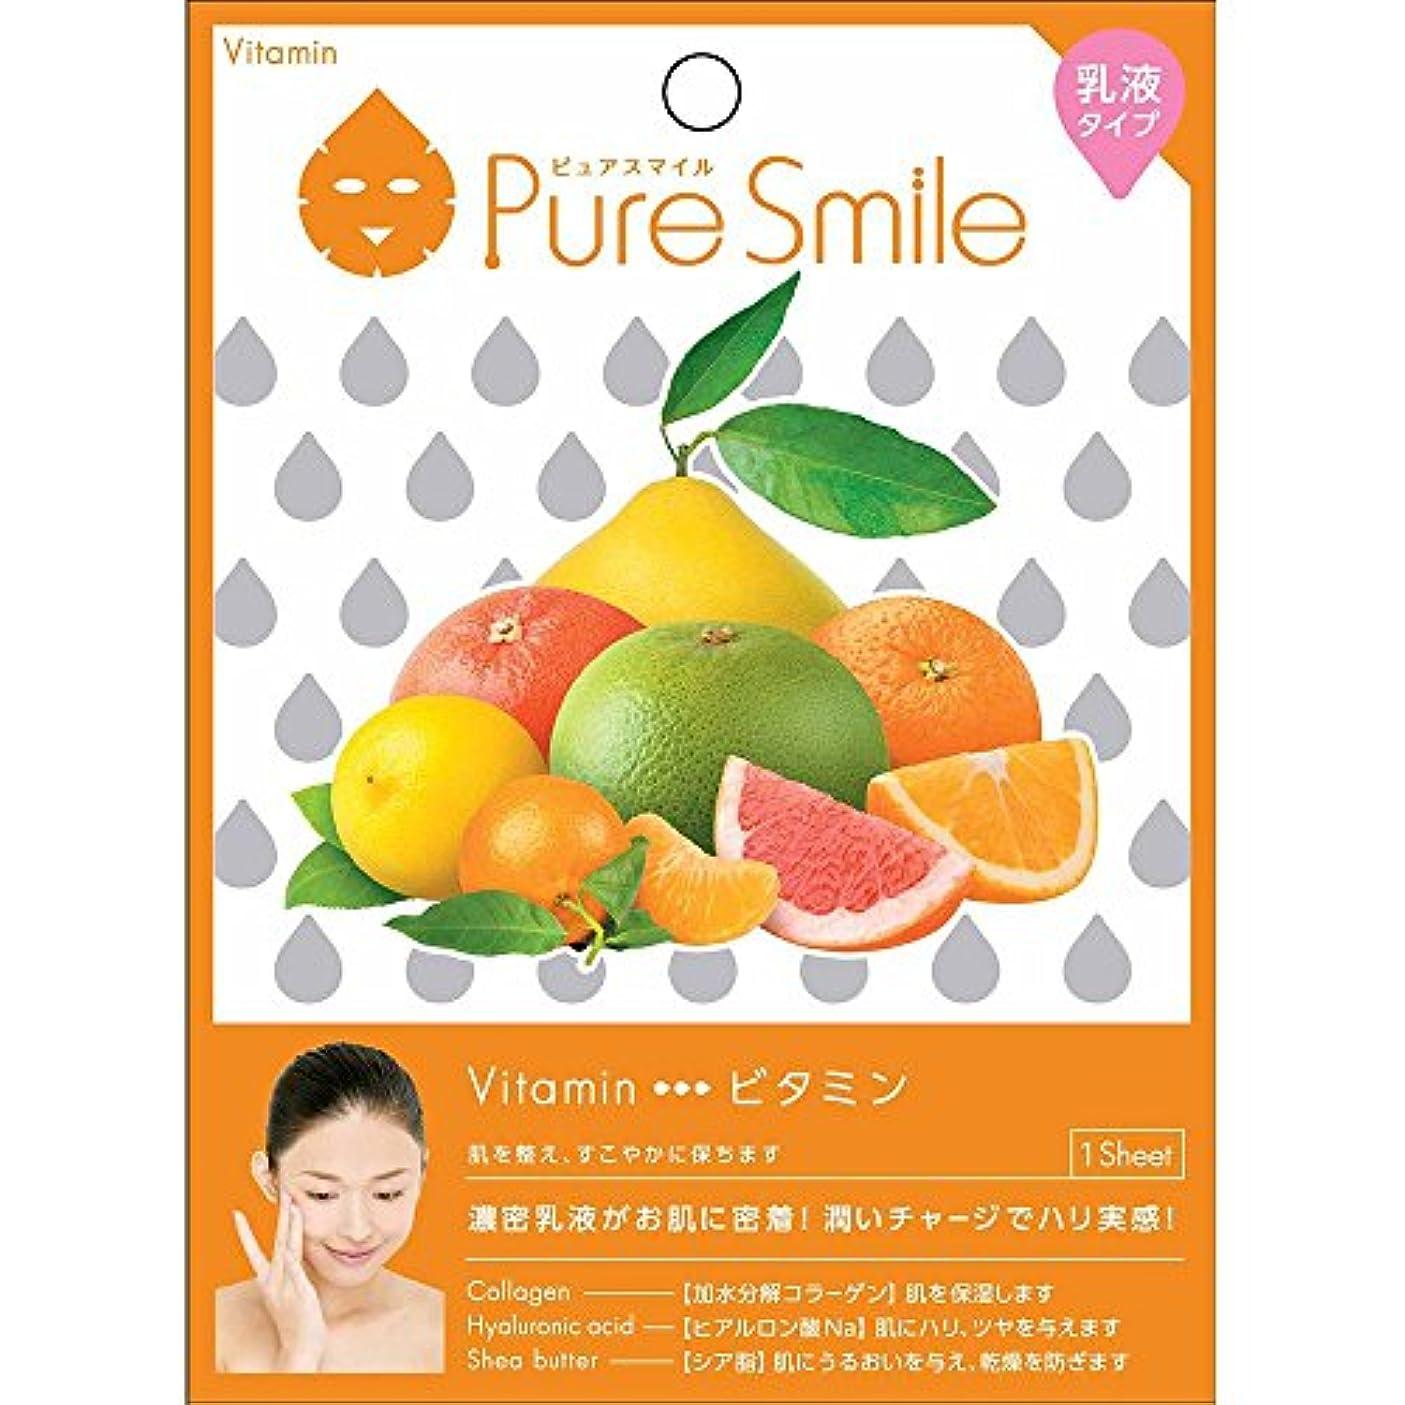 ポップ保険マーティフィールディングPure Smile(ピュアスマイル) 乳液エッセンスマスク 1 枚 ビタミン